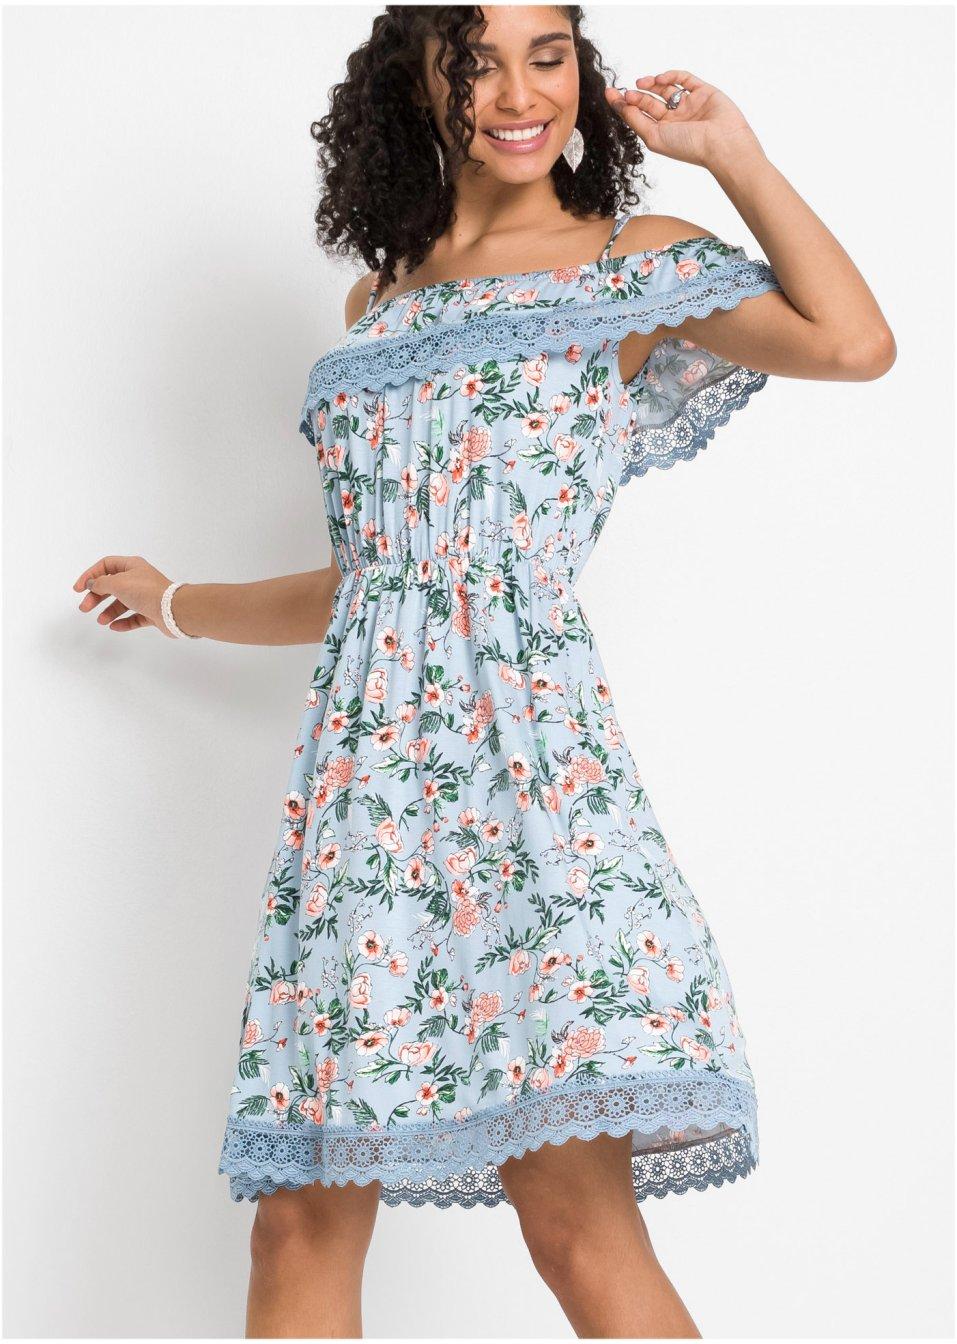 bedrucktes kleid mit spitze hellblau geblümt - damen